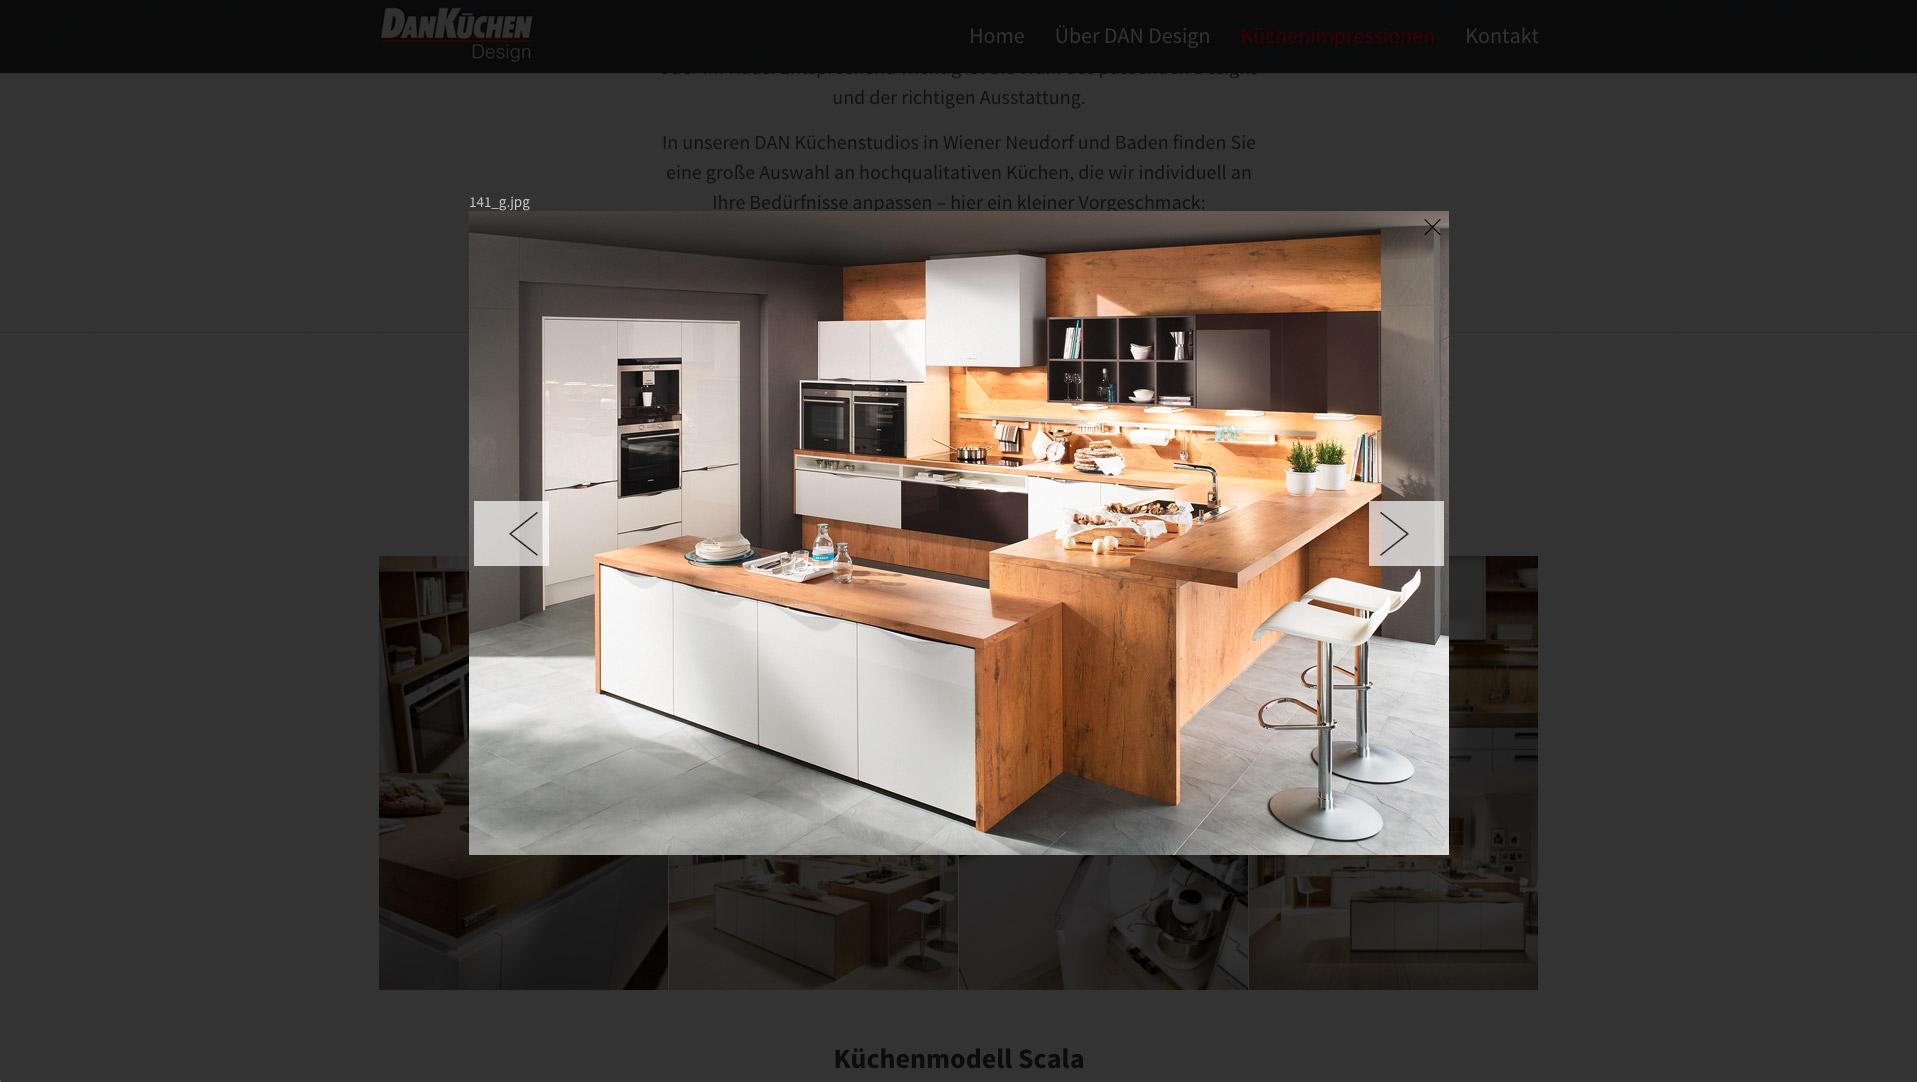 kchendesign mnchen cool free singlekche singlekchen sind praktisch und sparsam with singlekchen. Black Bedroom Furniture Sets. Home Design Ideas